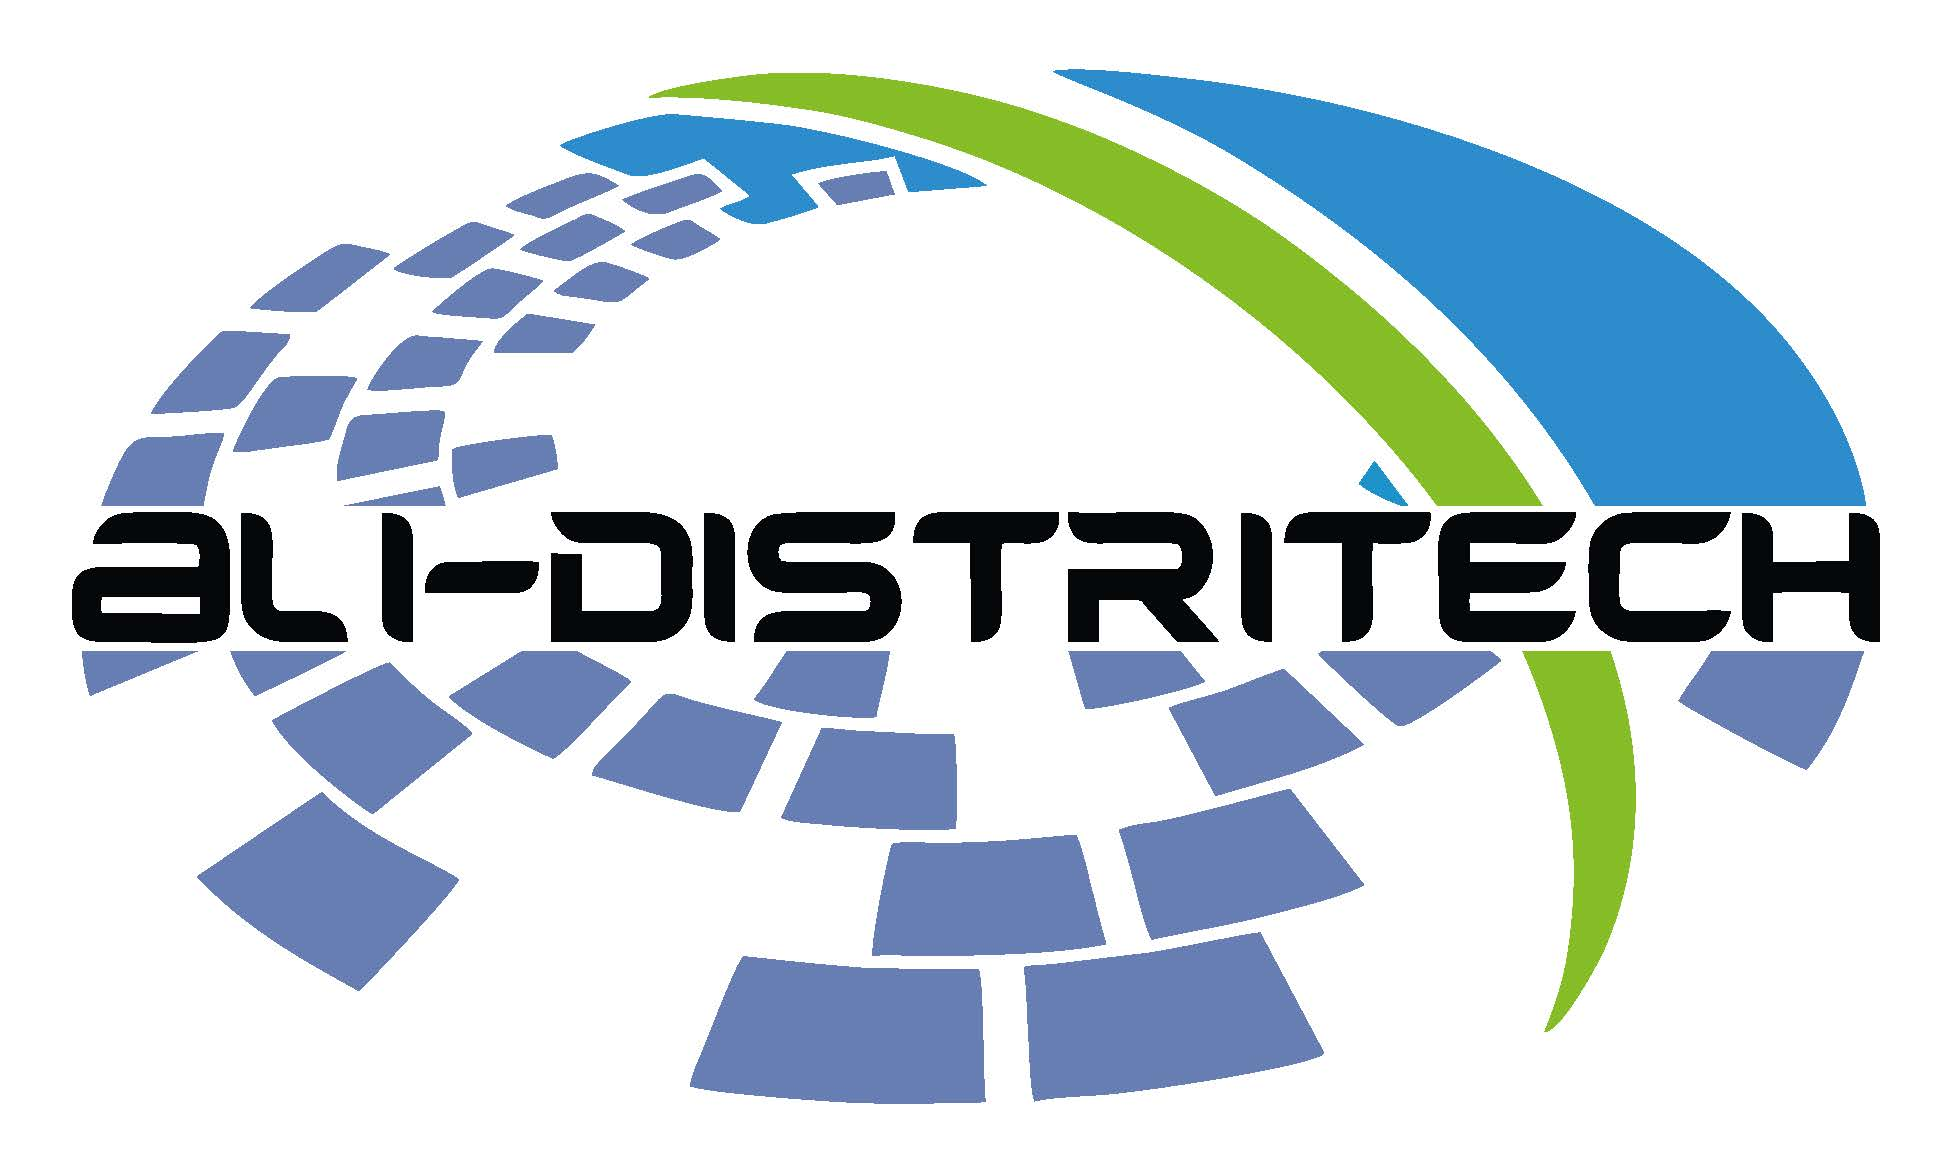 Ali Distritech